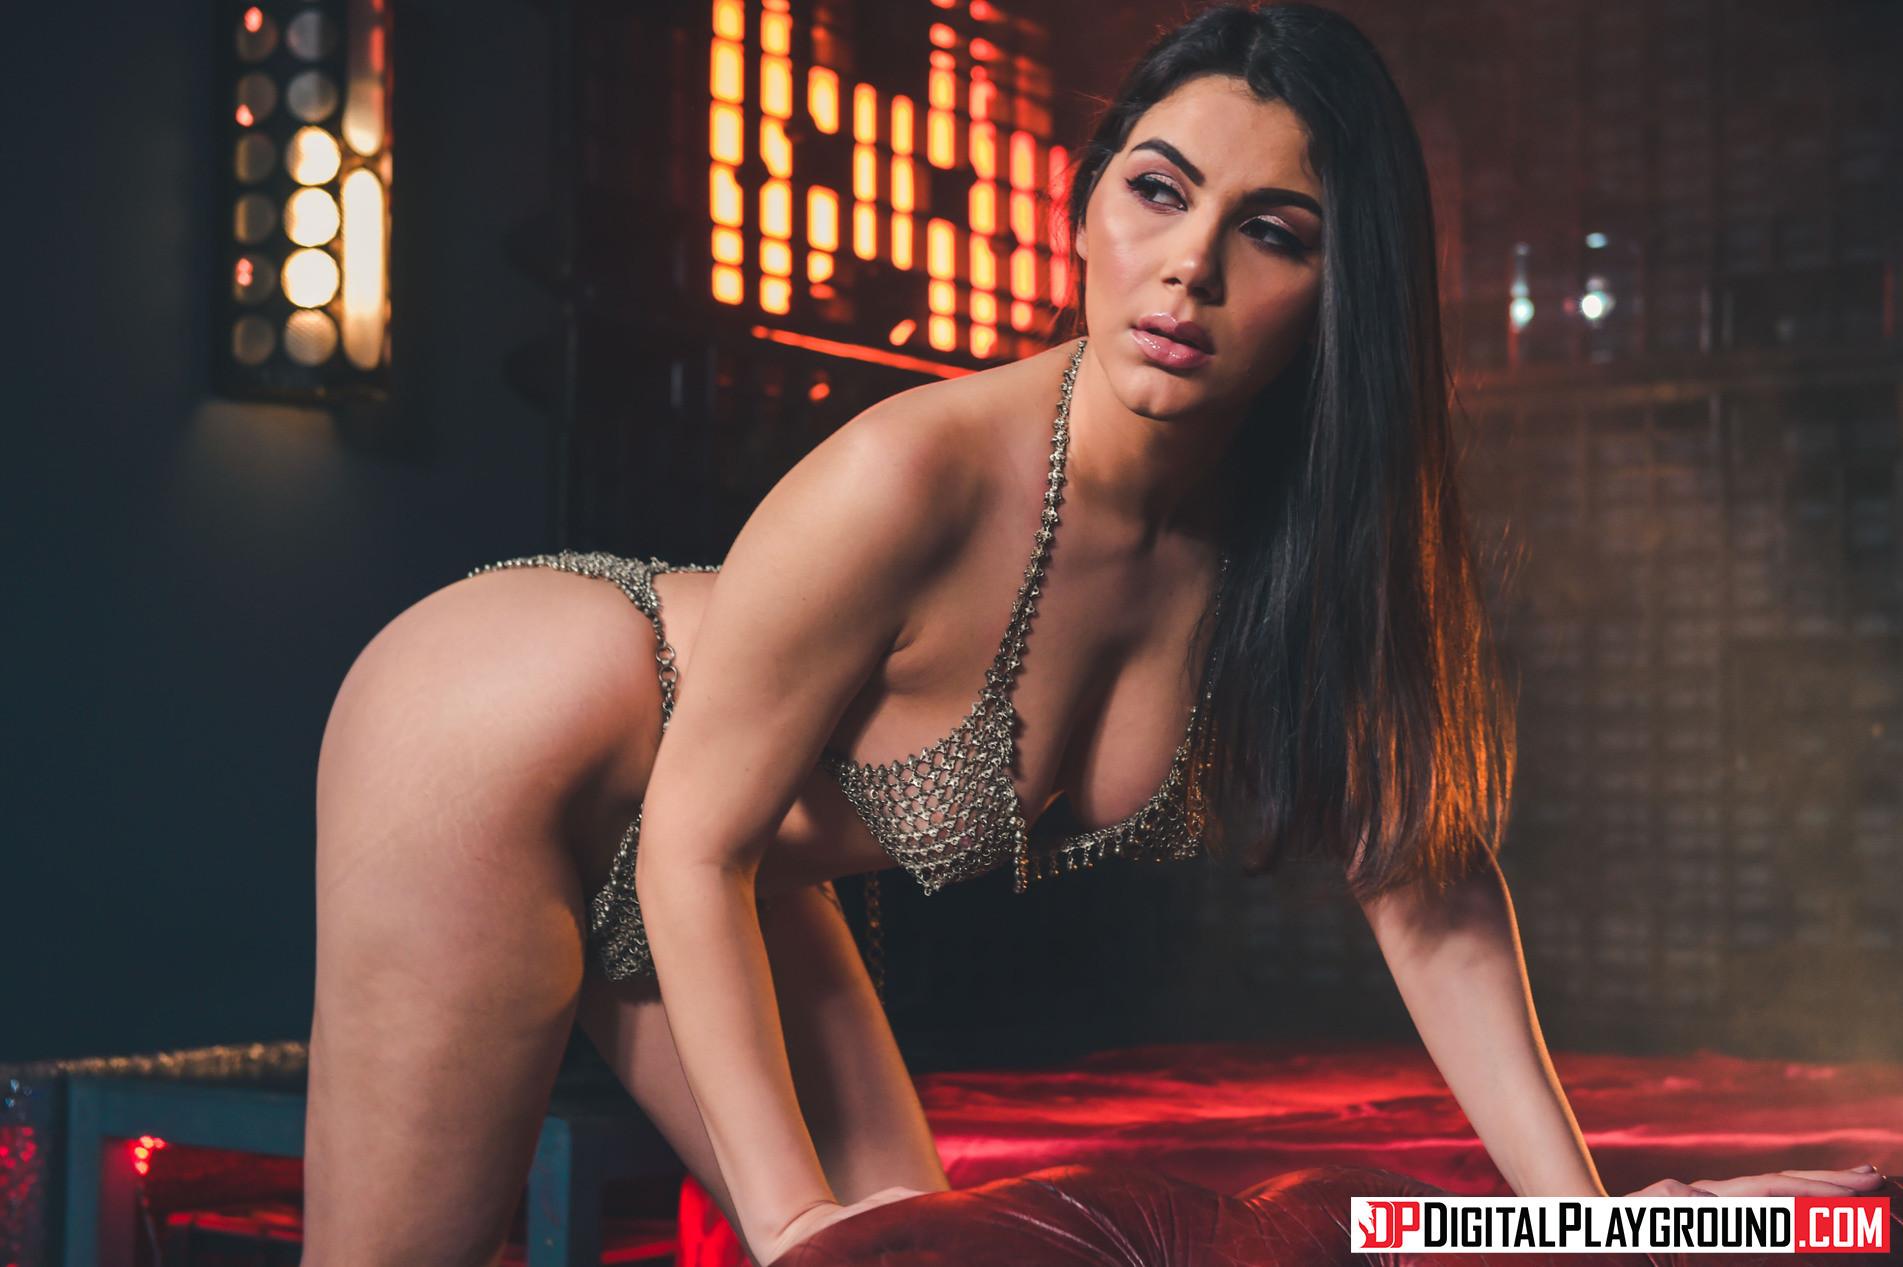 Nappi Valentina